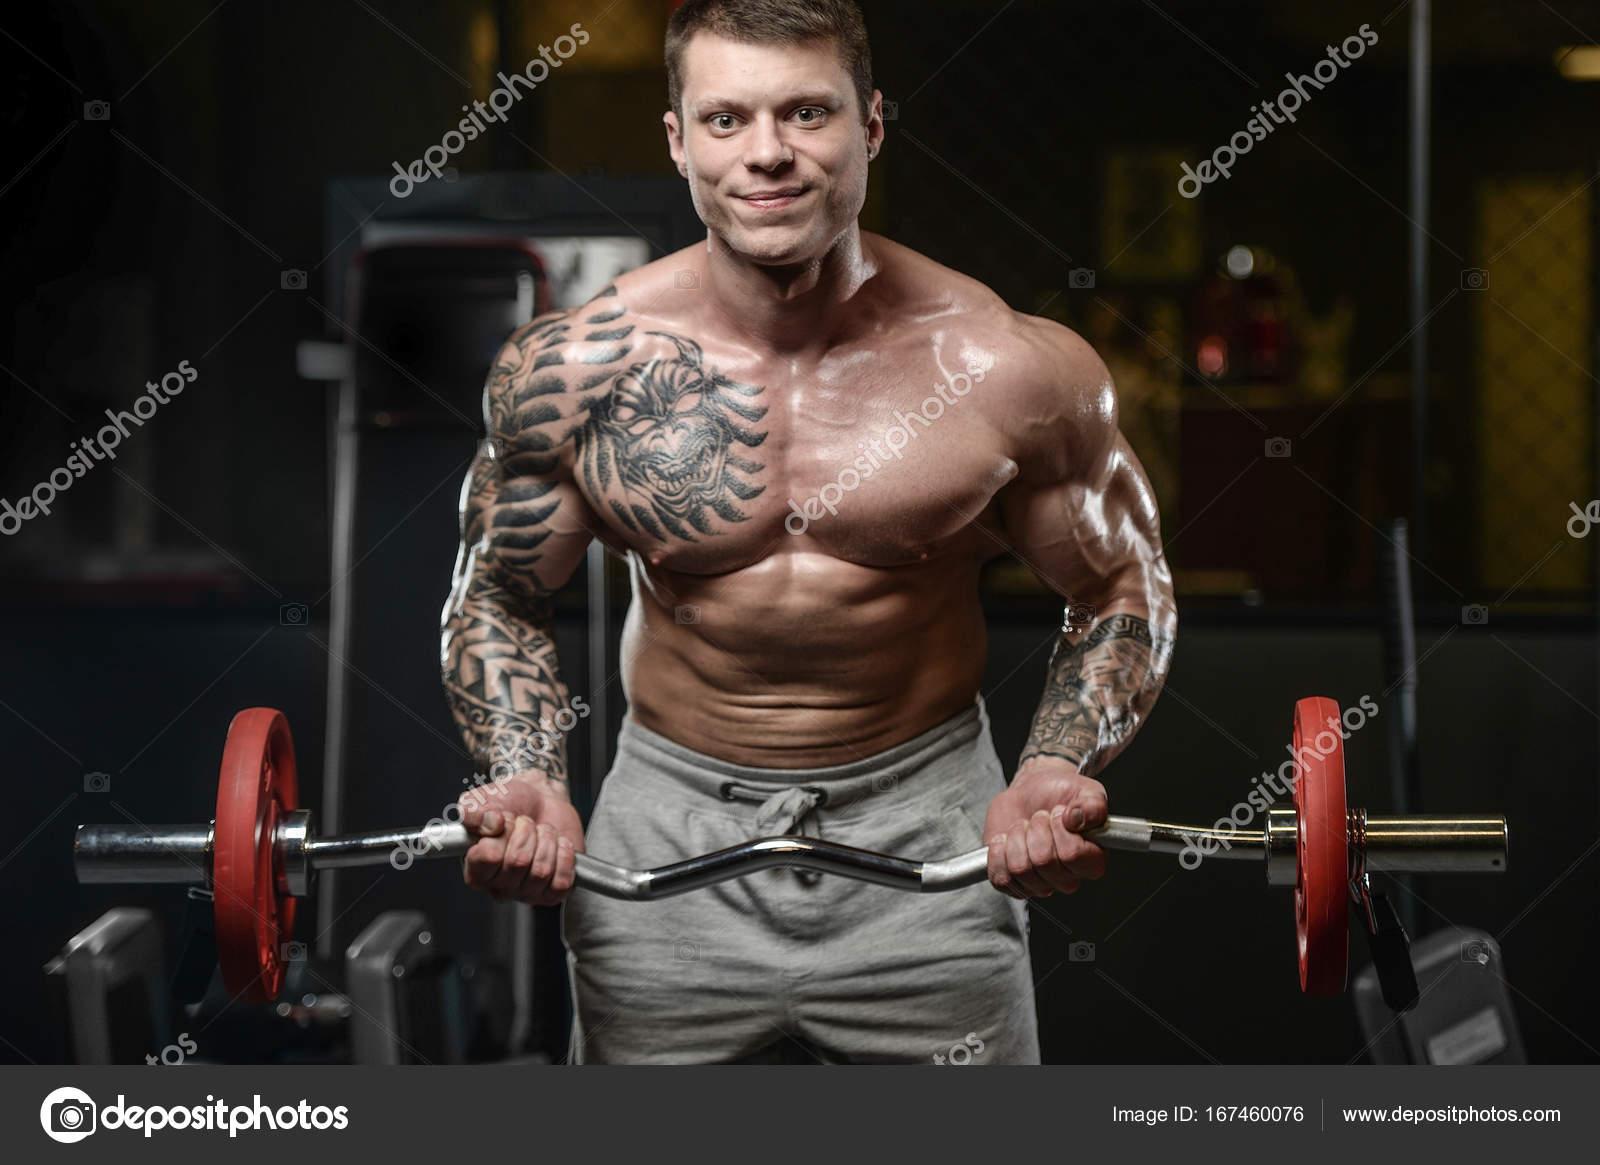 Silne I Przystojny Sportowe Tatuaż Młody Człowiek Z Mięśni Zdjęcie